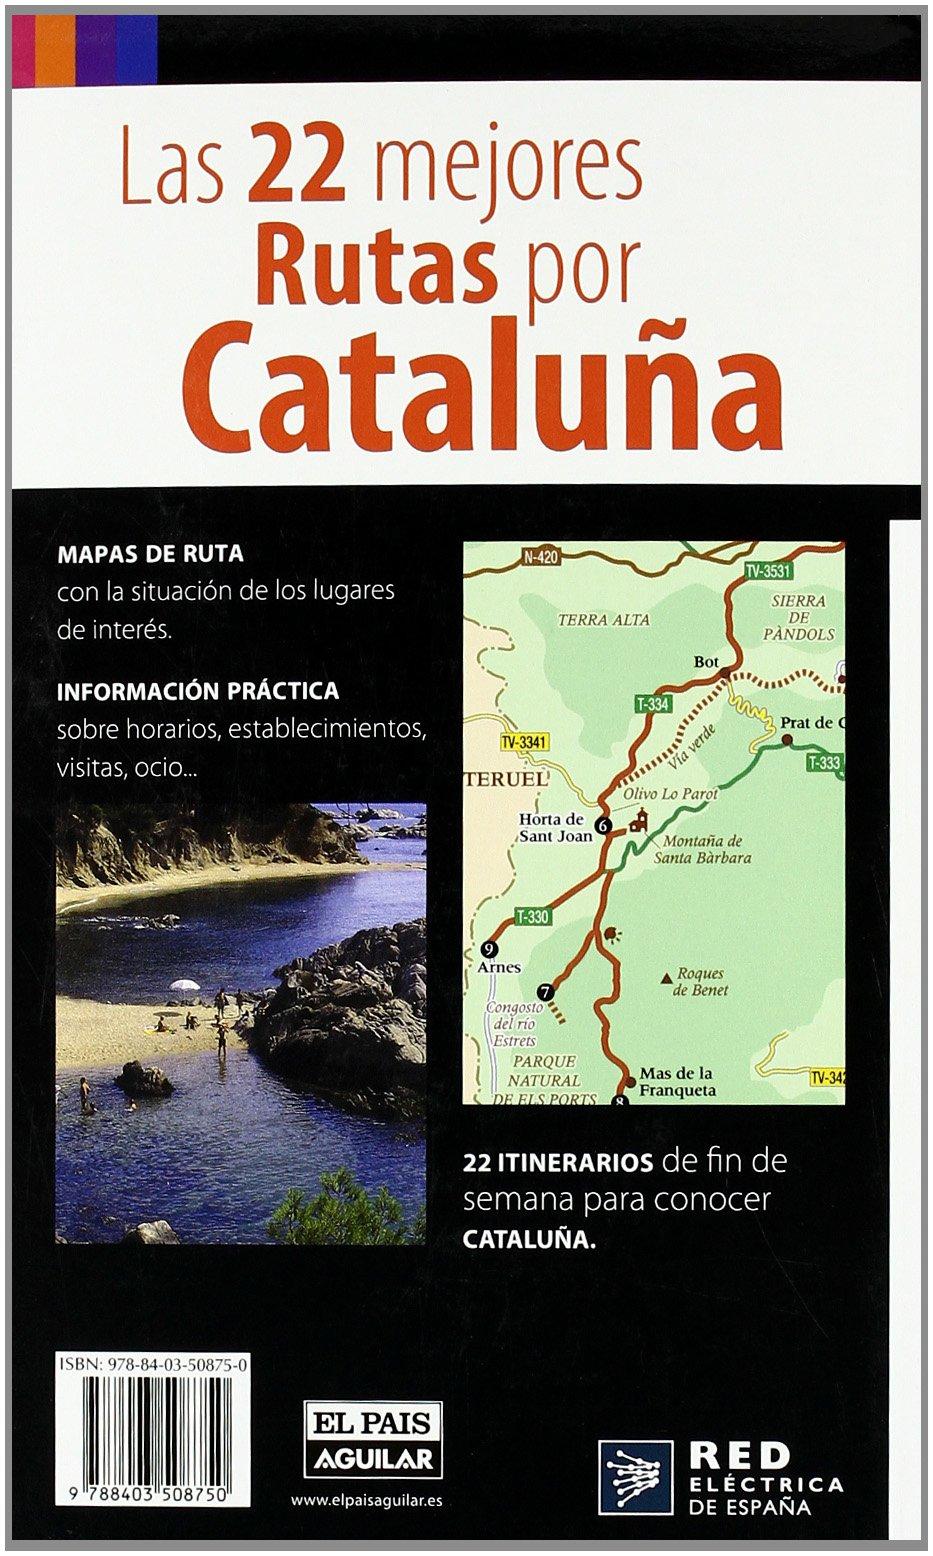 LAS 22 MEJORES RUTAS POR CATALUÑA (Viajes y rutas): Amazon.es ...